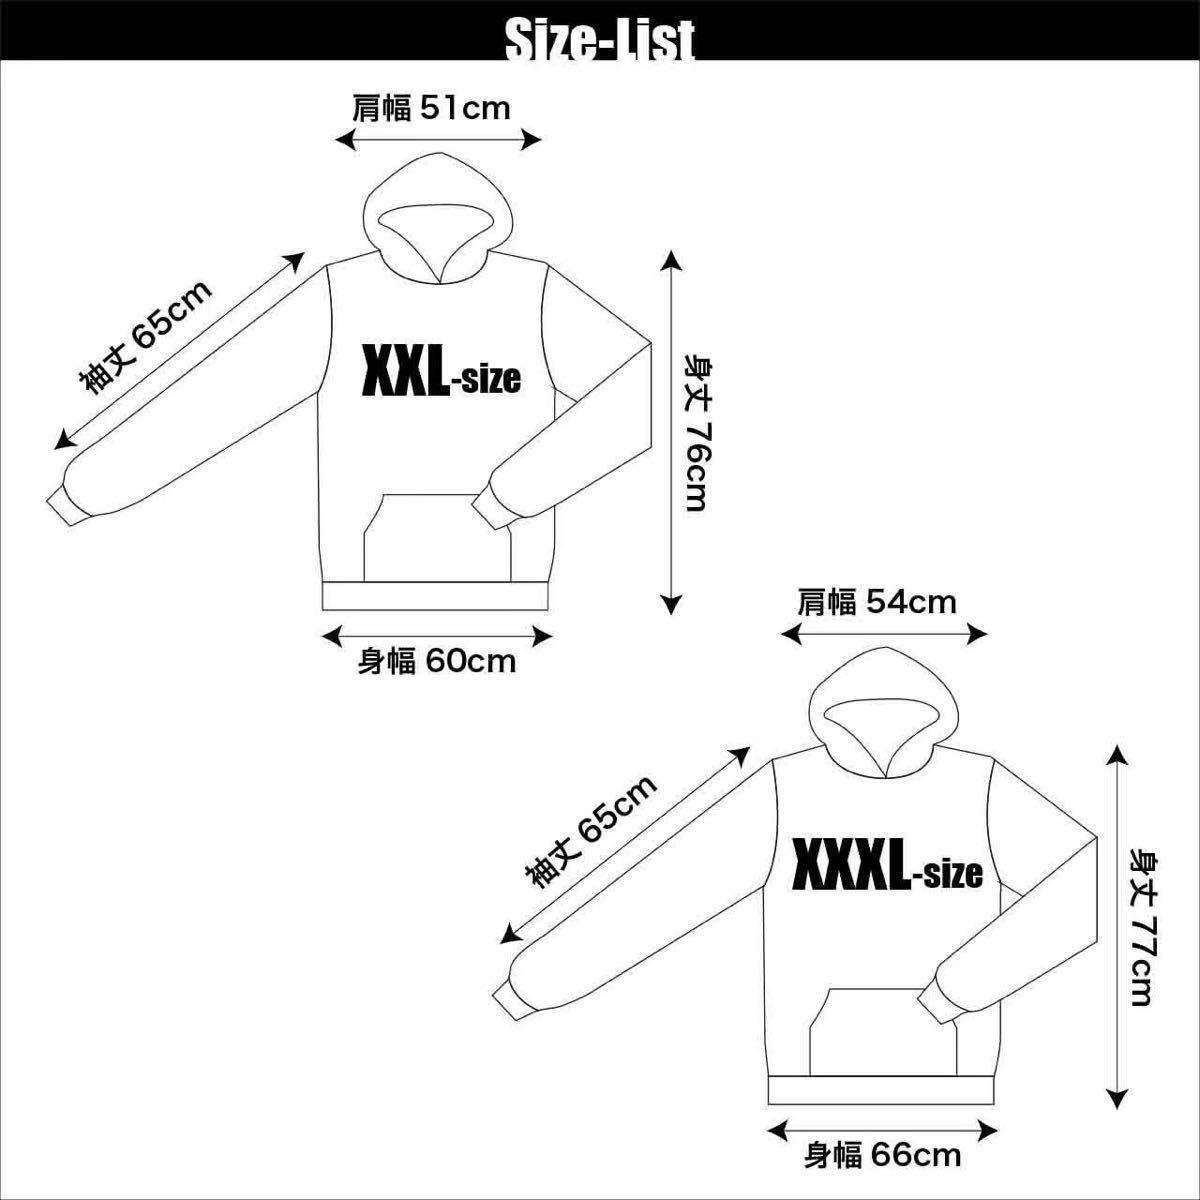 新品 トップガン トムクルーズ サングラス US AIR FORCE F-14 黒 パーカー XS S M L XL ビッグ オーバー サイズ XXL ジップアップ ロンT 可_画像10